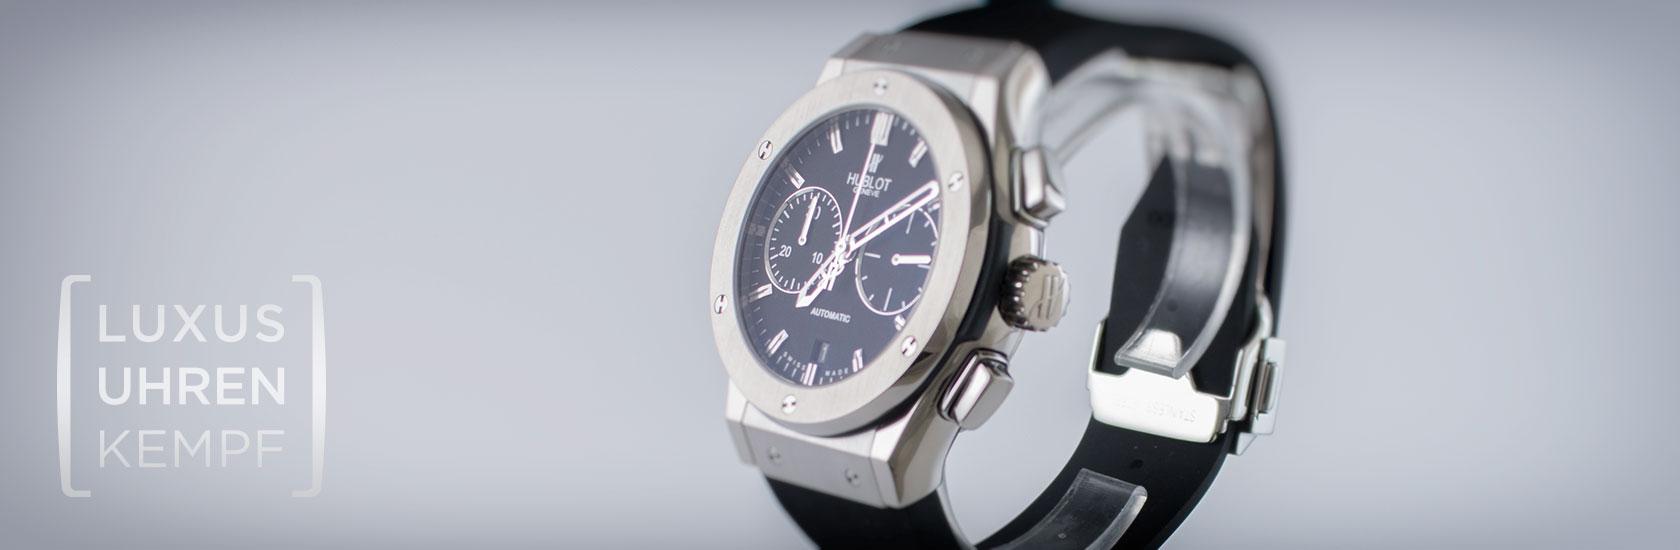 Luxusuhren Kempf - Ankauf von gebrauchten Hublot Uhren